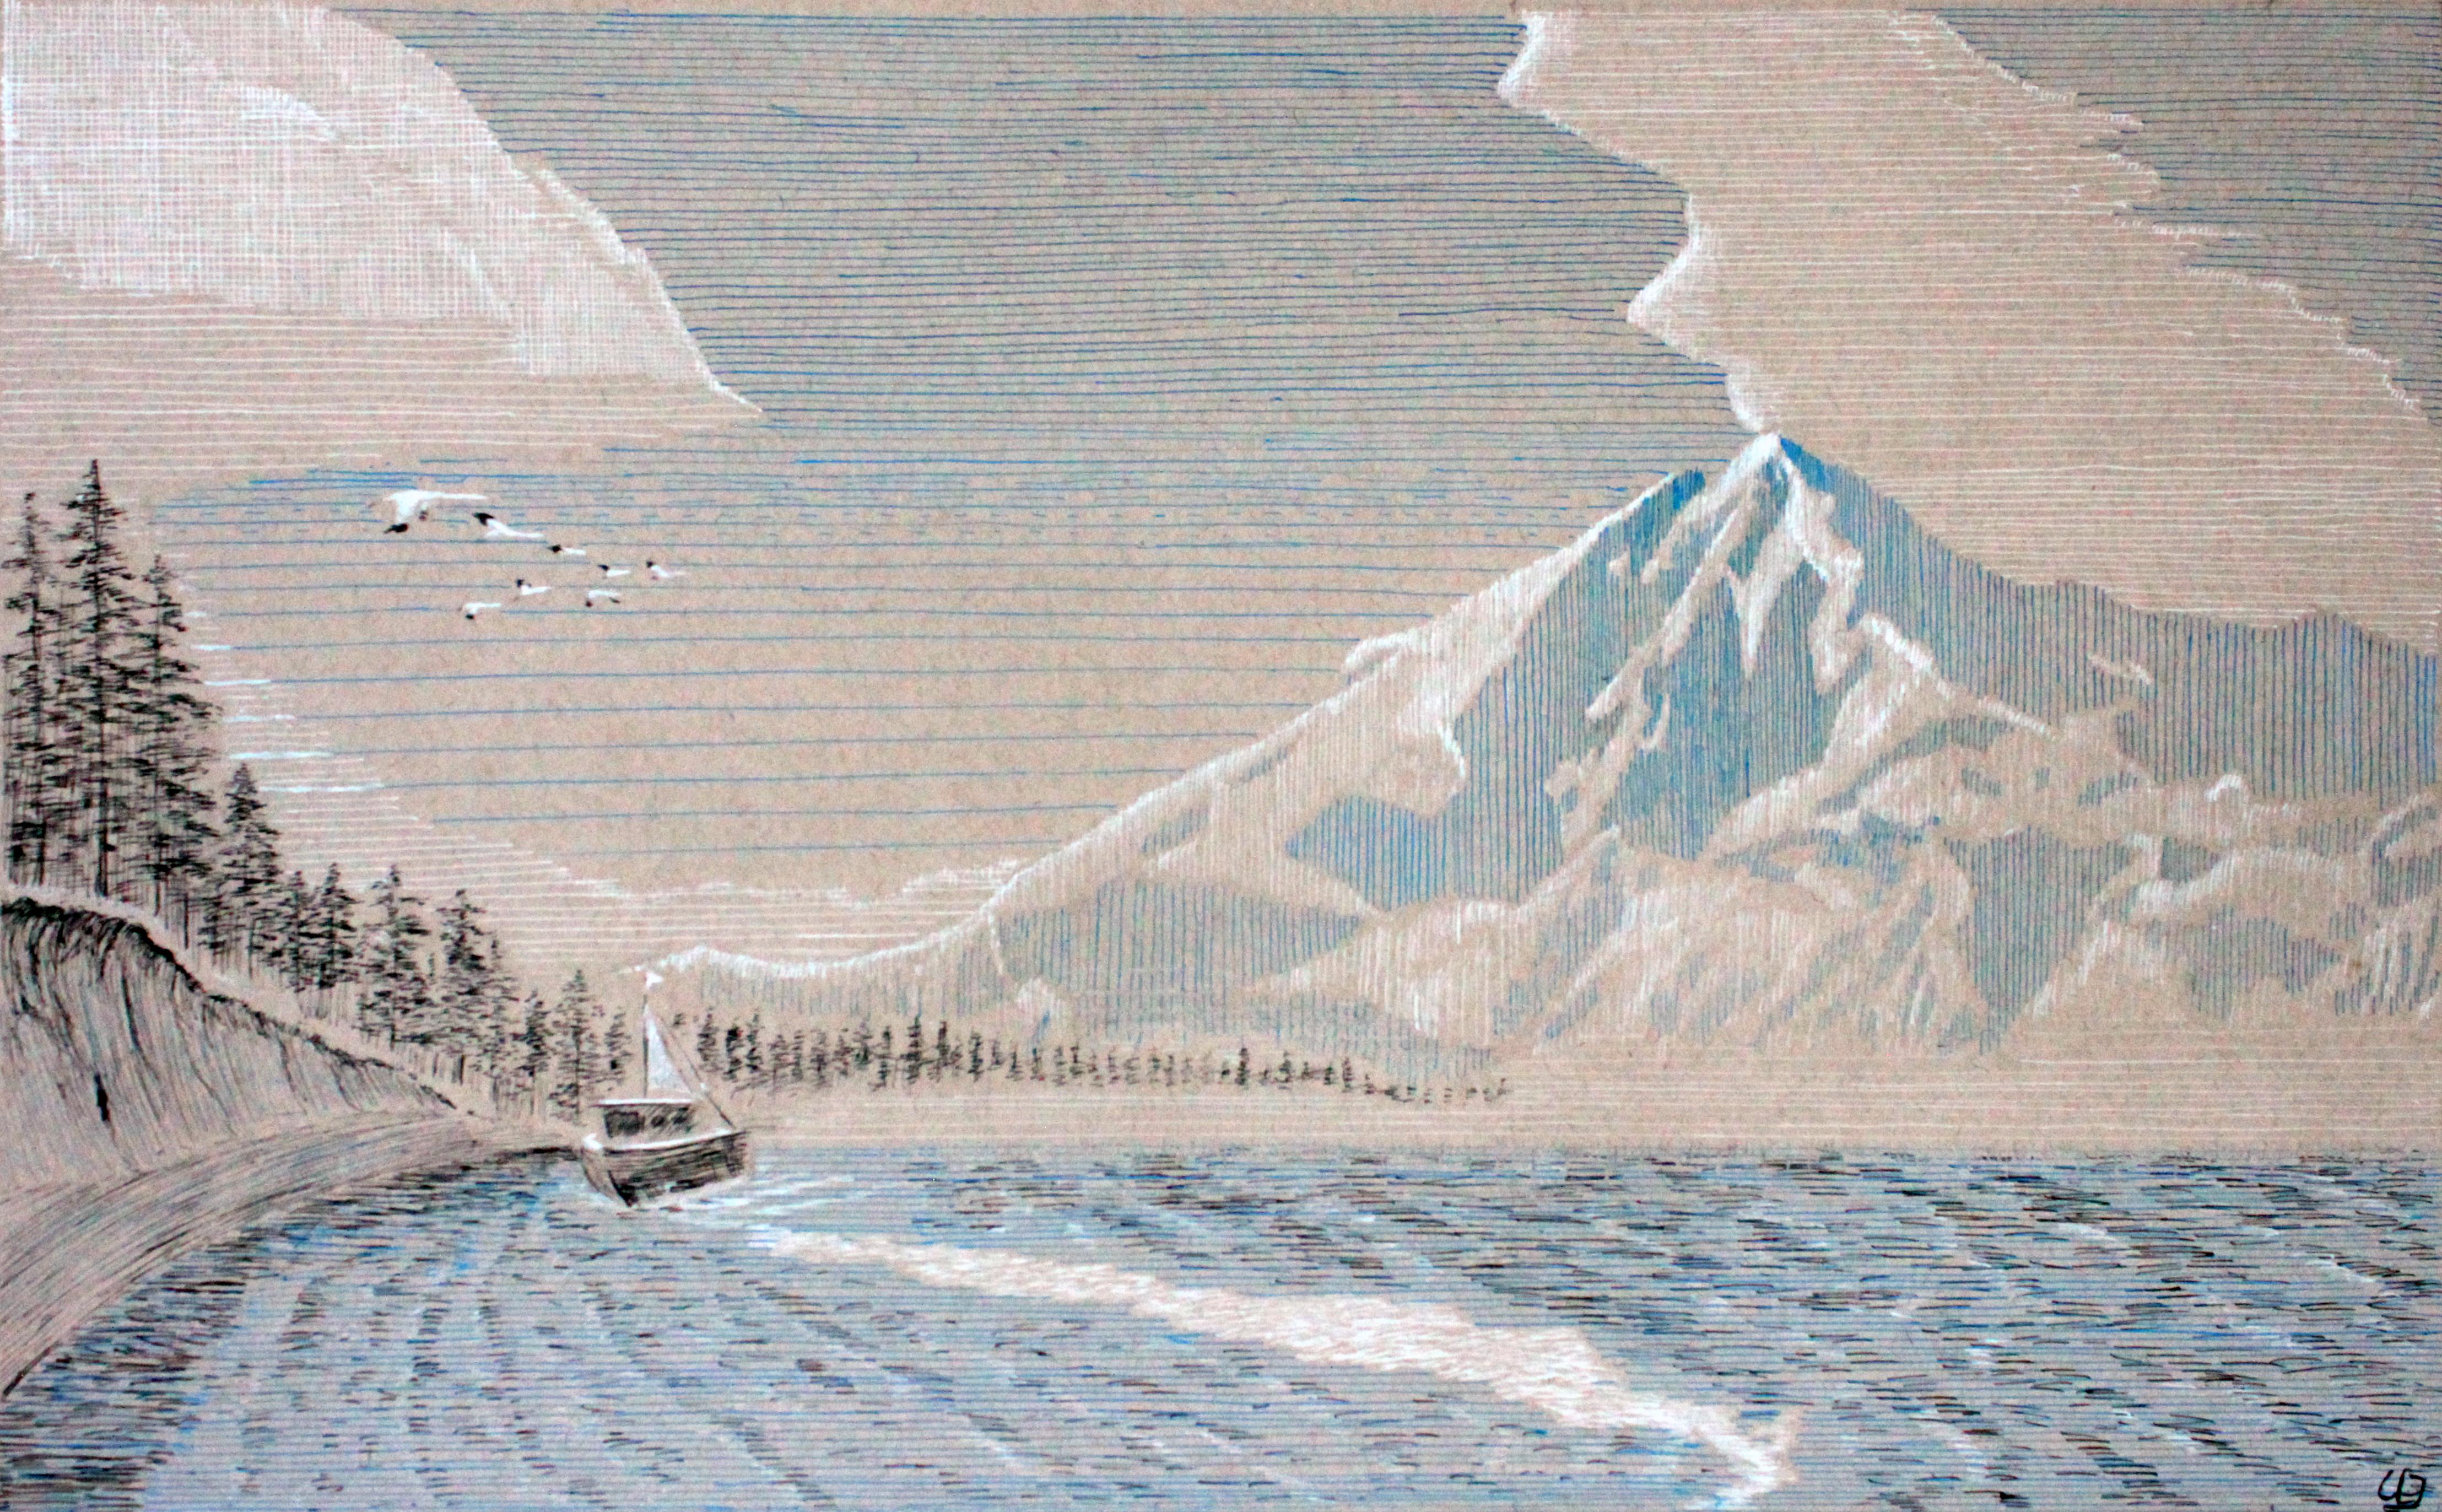 Mount-Redoubt